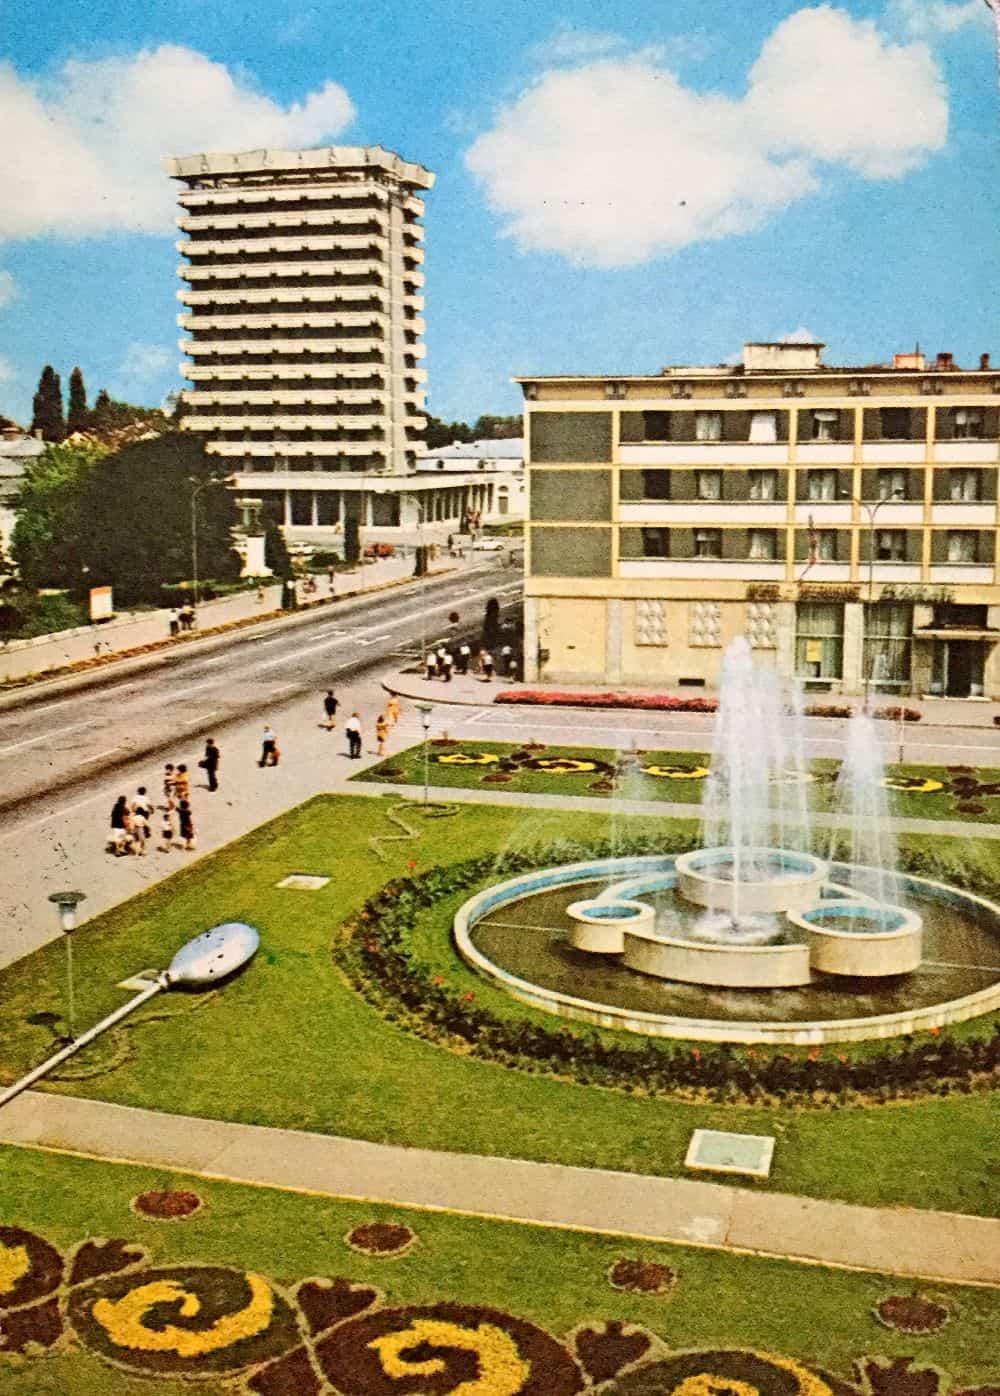 Bacău, centru. 1973 ilustrate din Romania 13 ilustrate vechi din România Bacau centru 1973